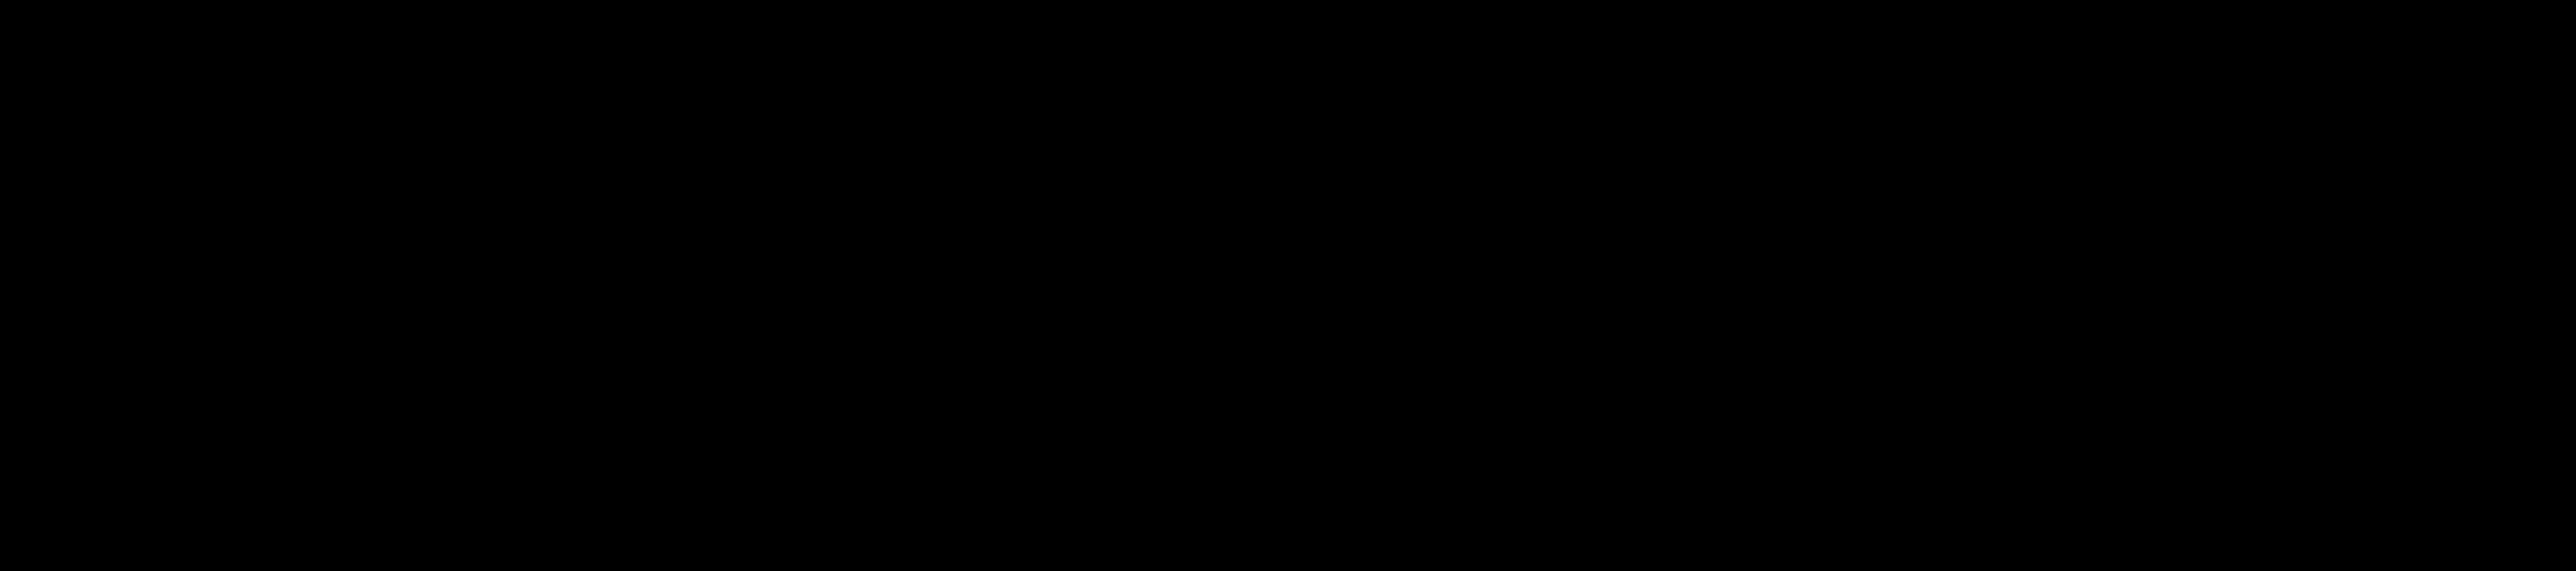 FZWEAR